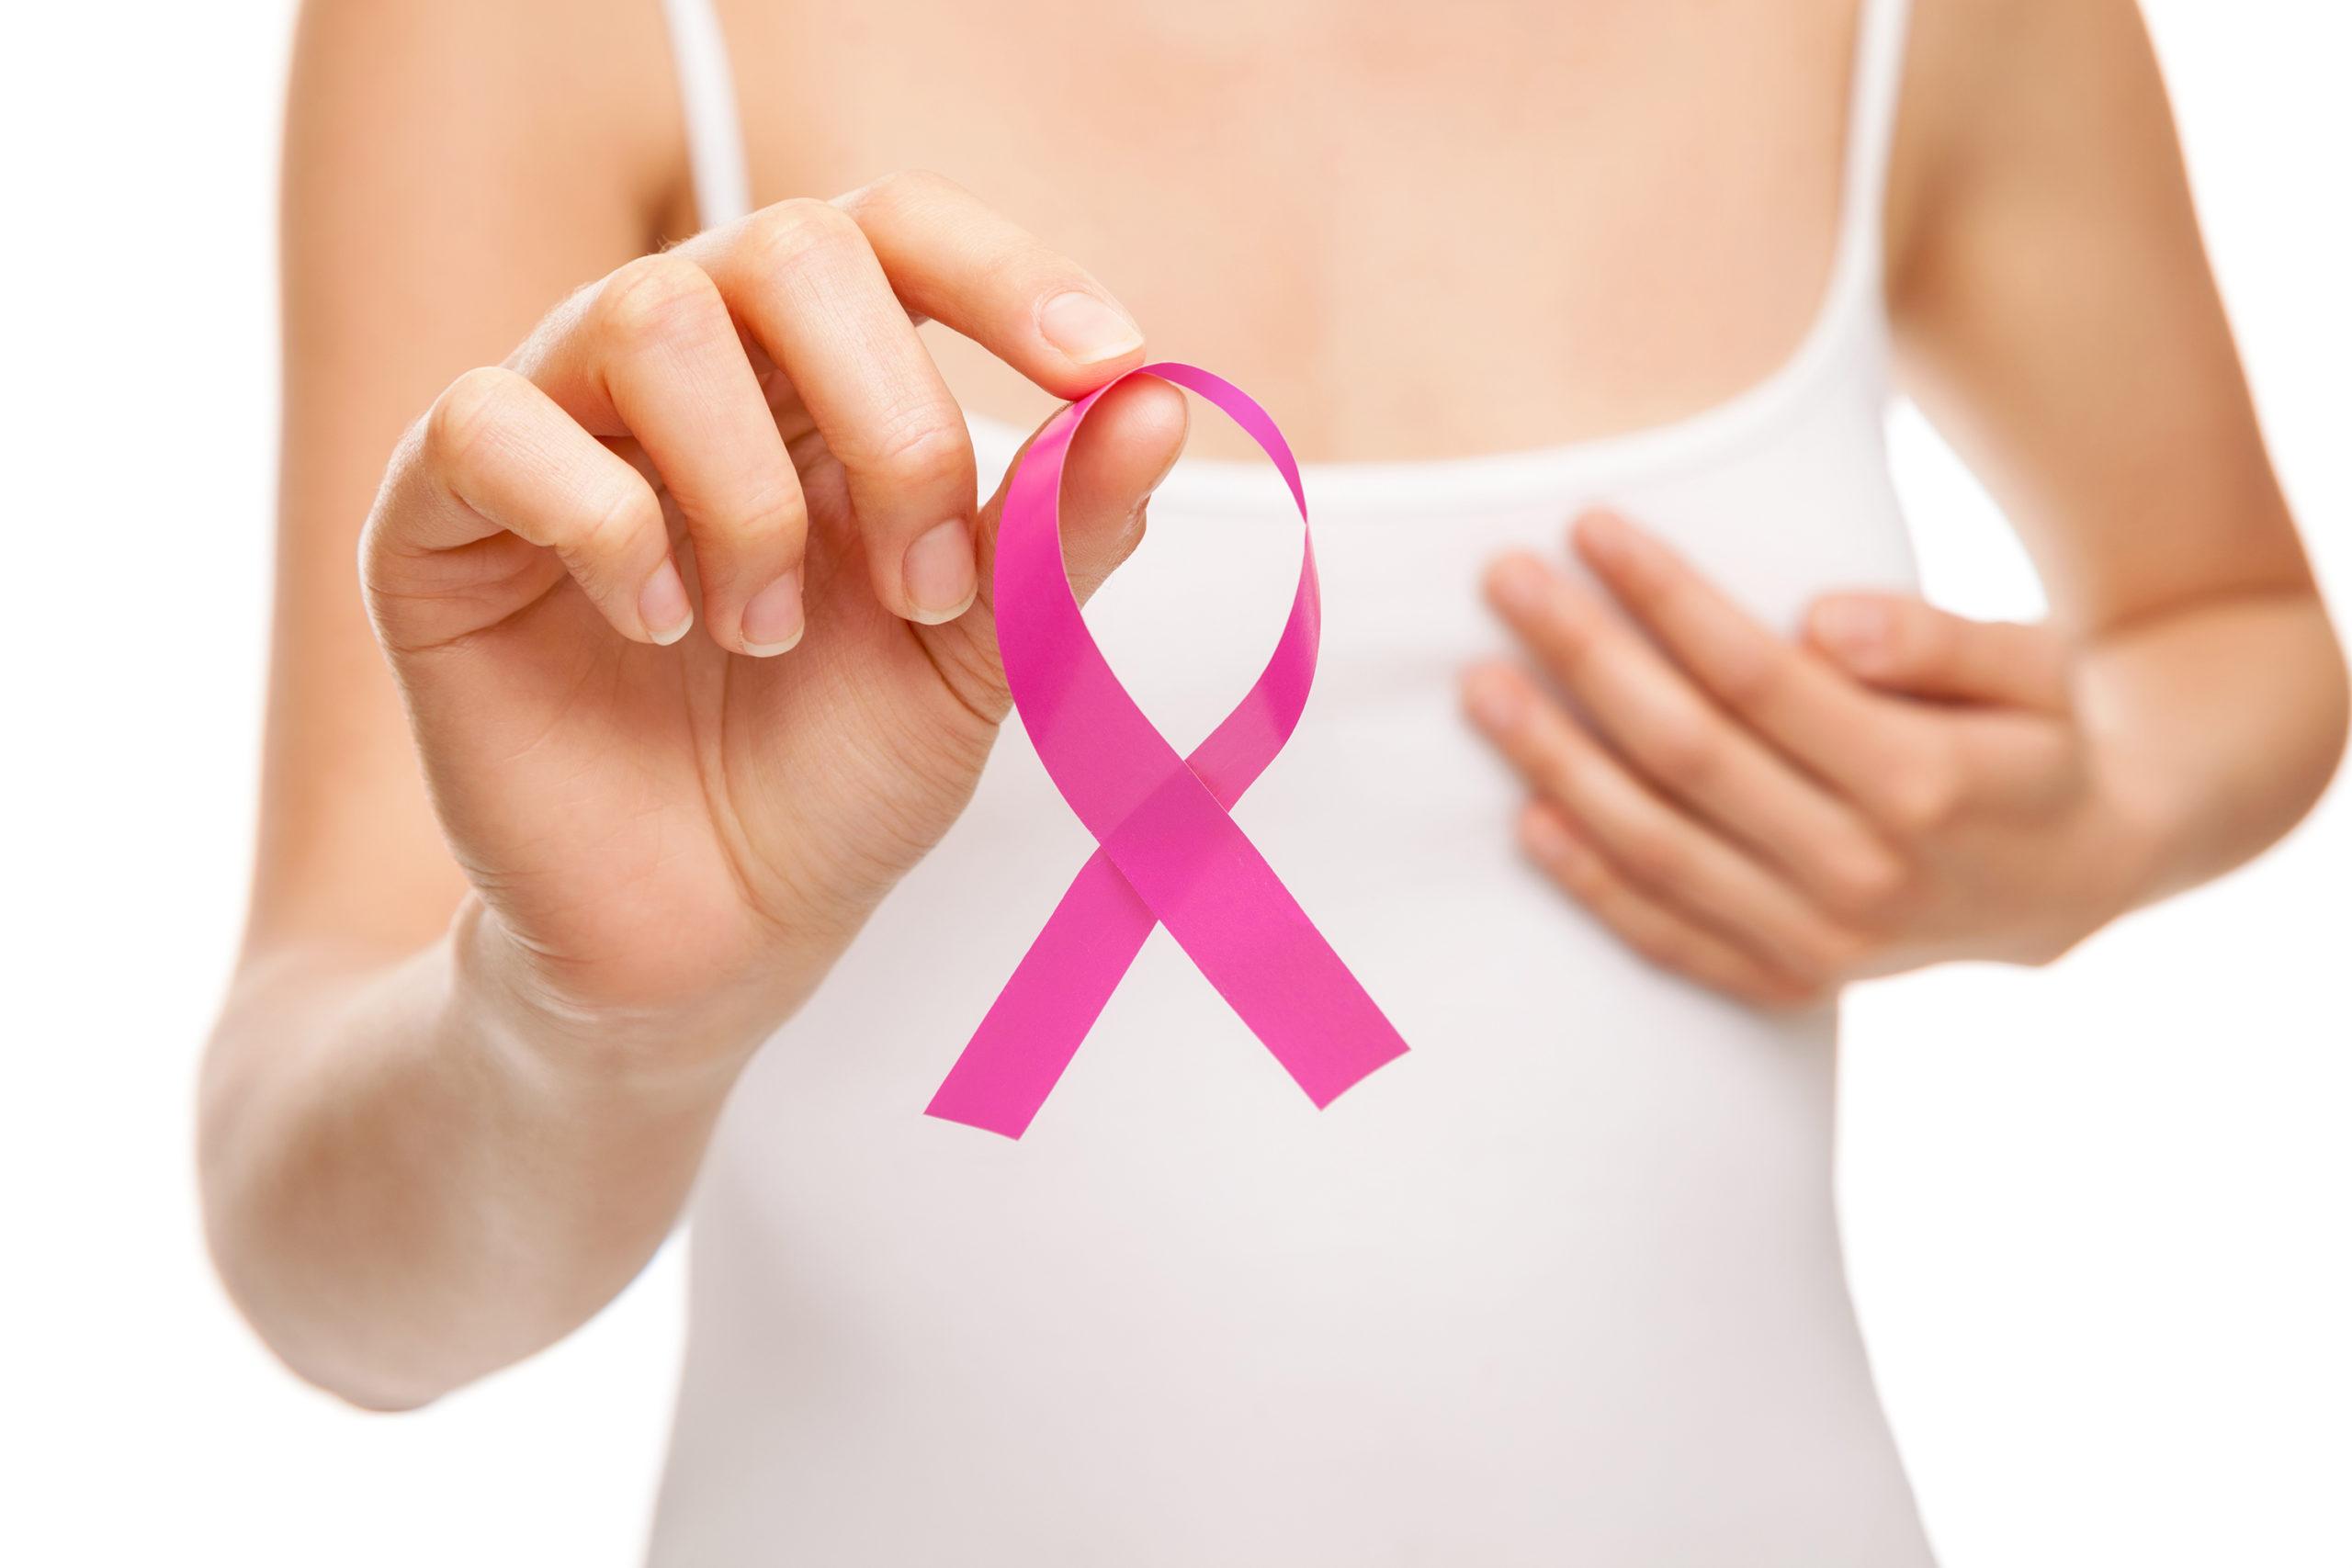 MAPEAMENTO GENÉTICO | CLDF aprova projeto de Rafael Prudente que obriga hospitais a realizar o procedimento para identificar câncer de mama